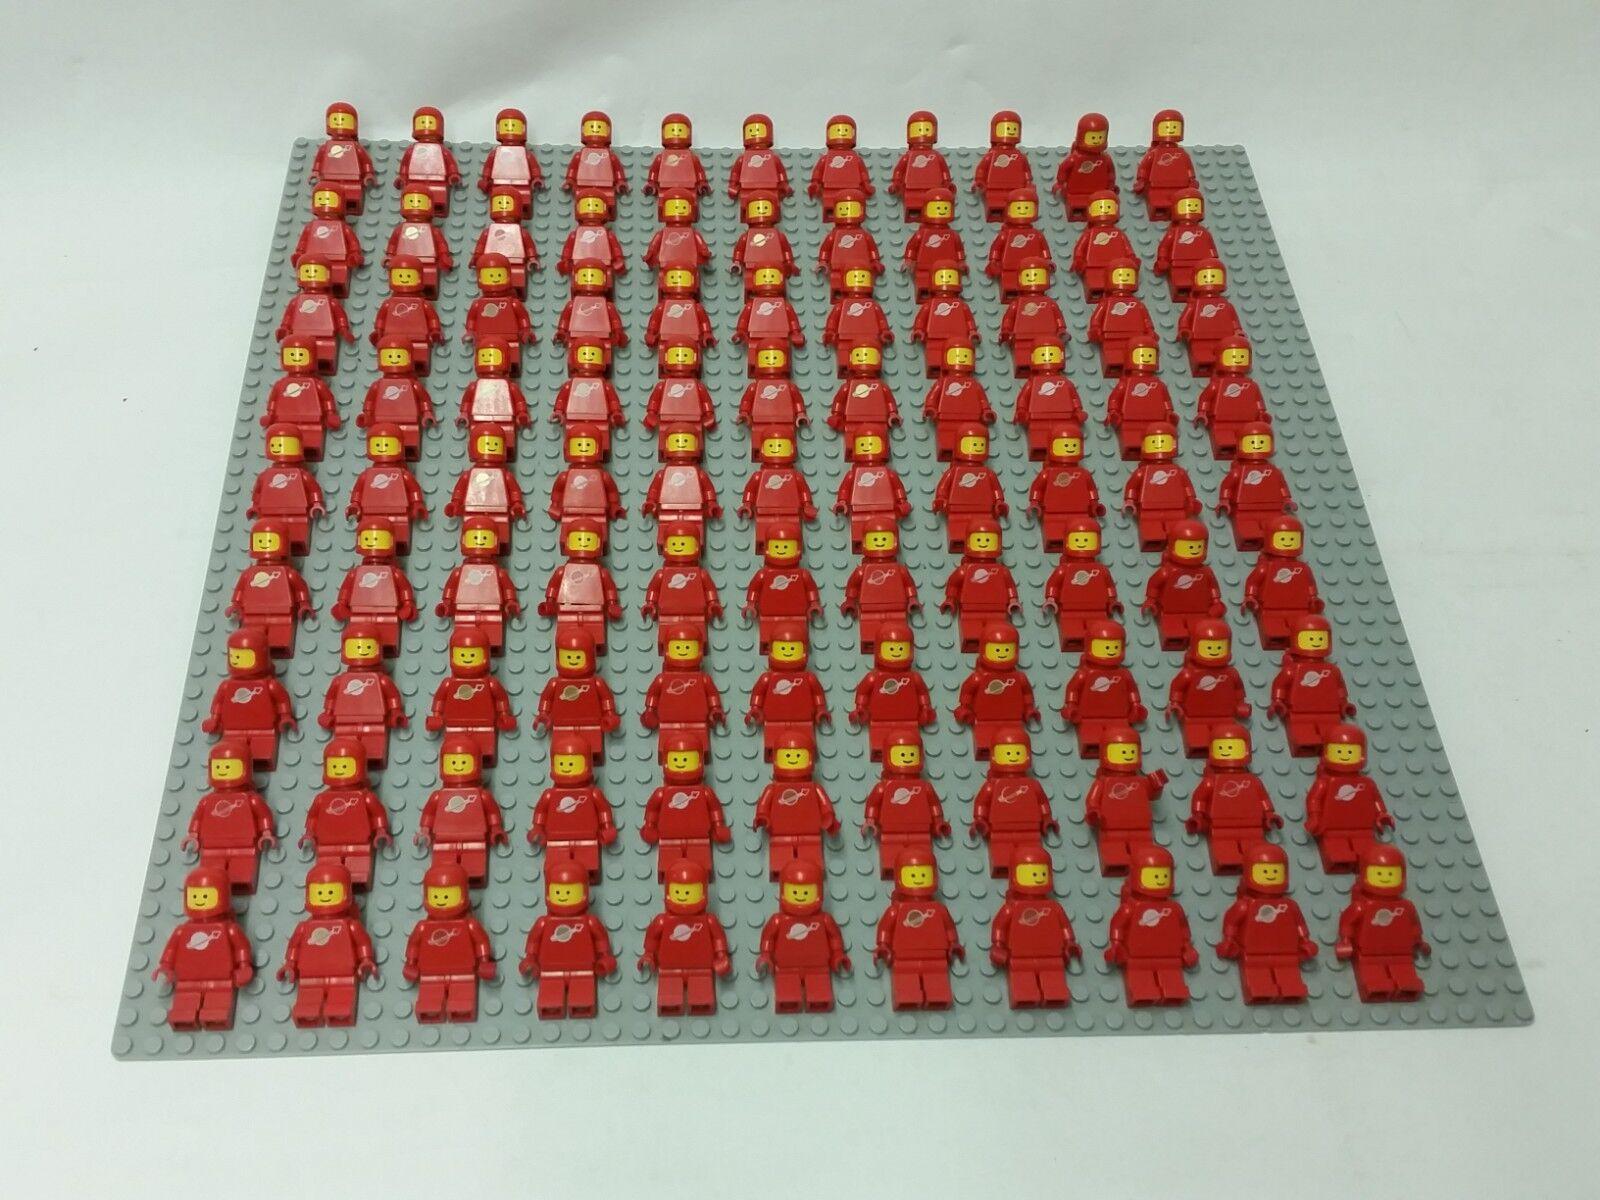 99 x LEGO CLASSIC COLOR rosso SPACE MINIFIGURES 70´s-80´s VINTAGE SET